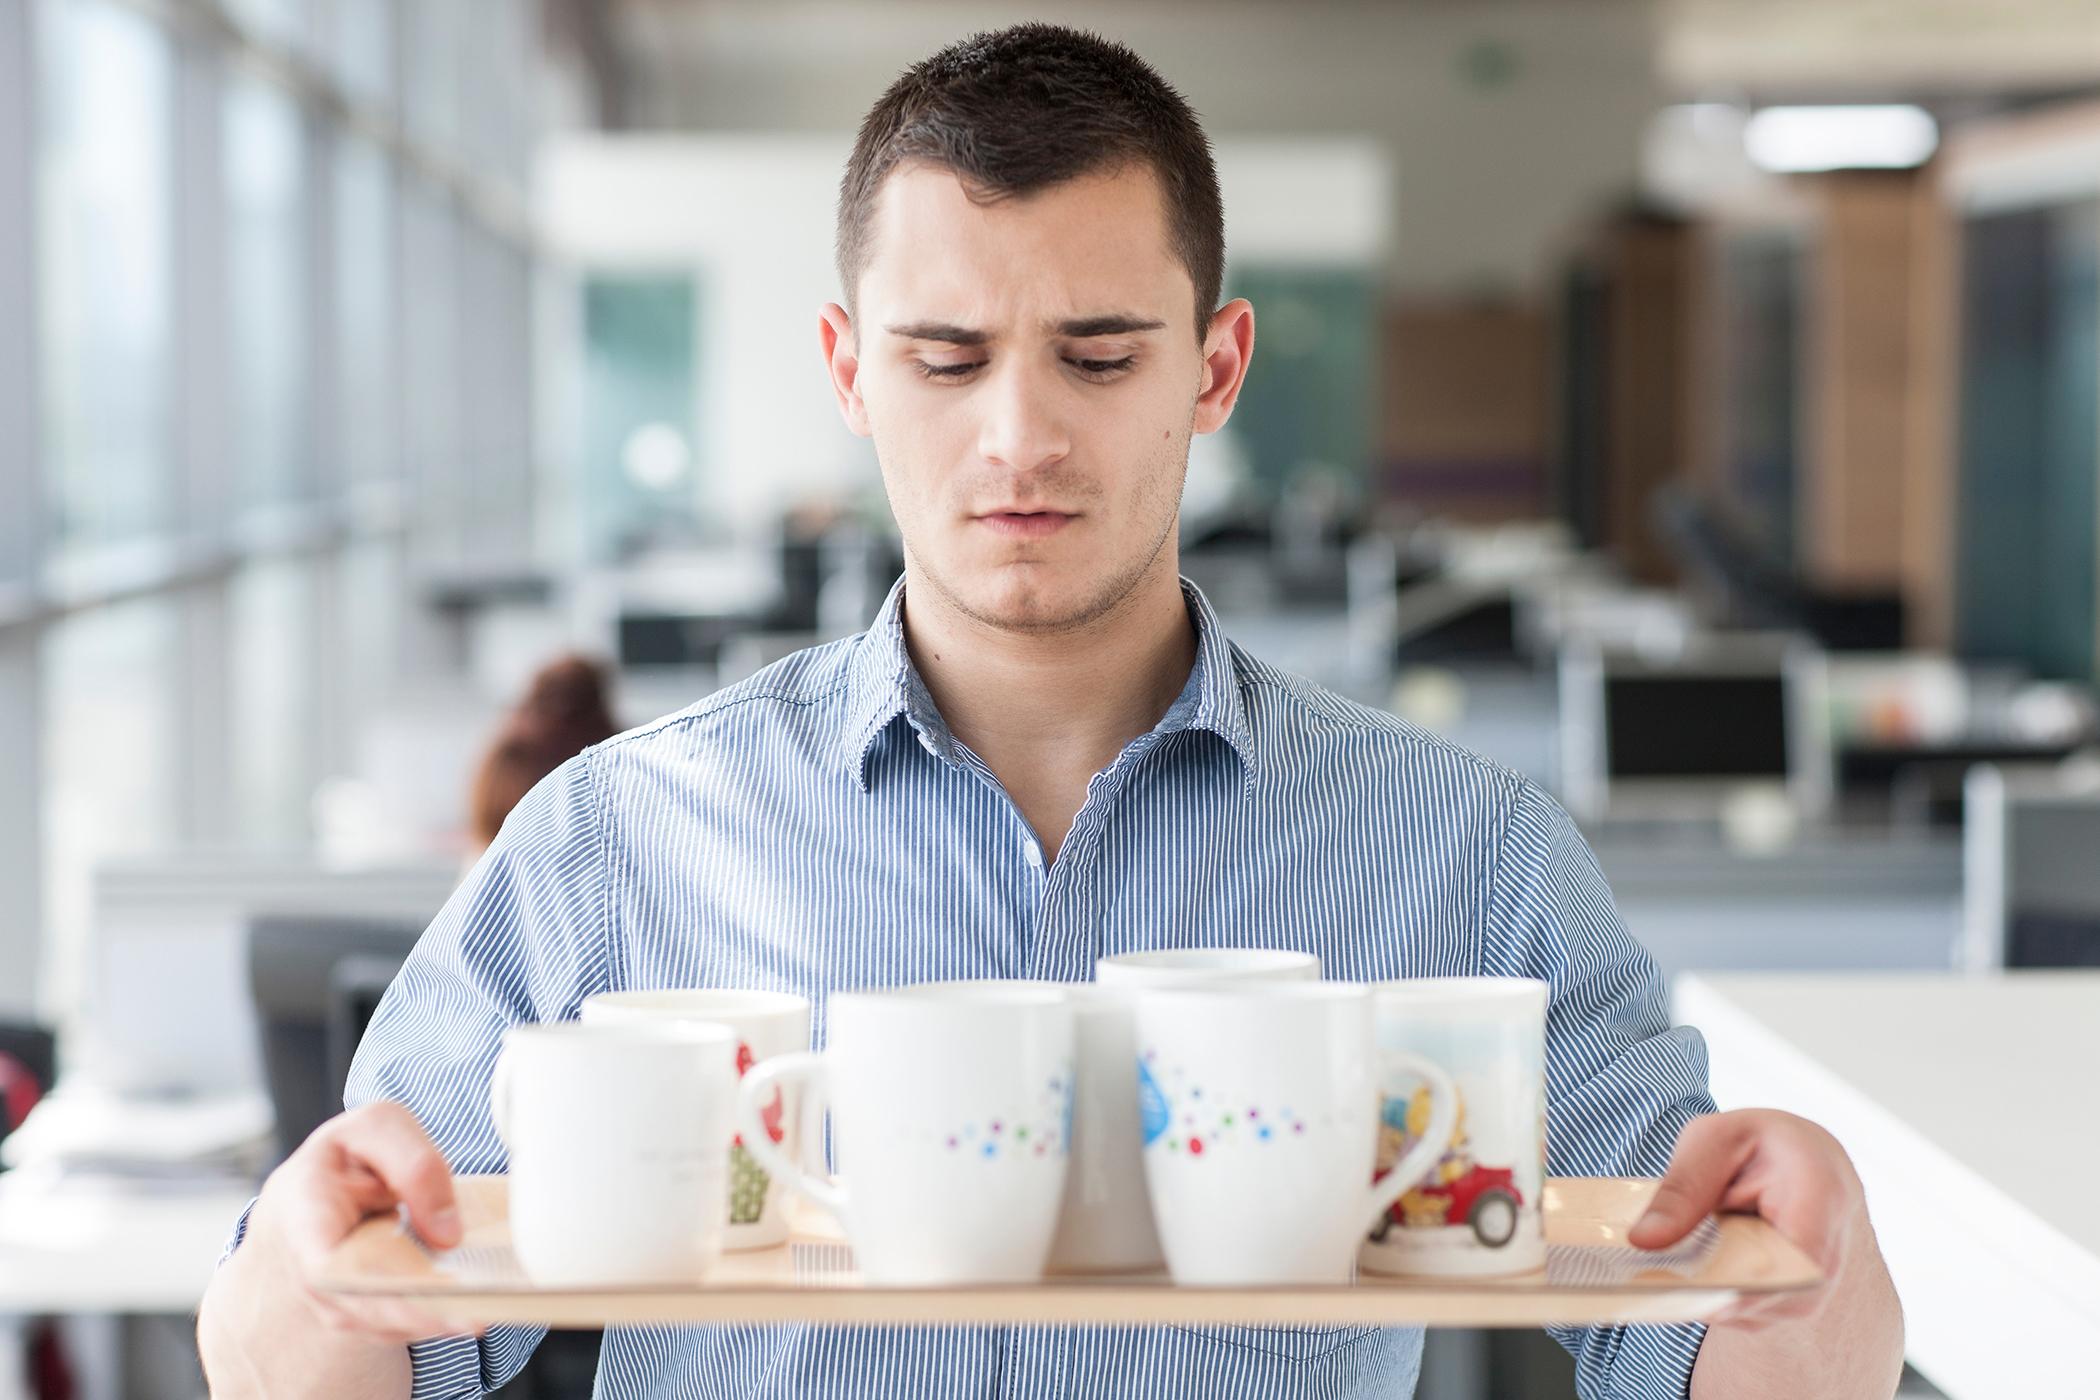 Intern carrying coffee